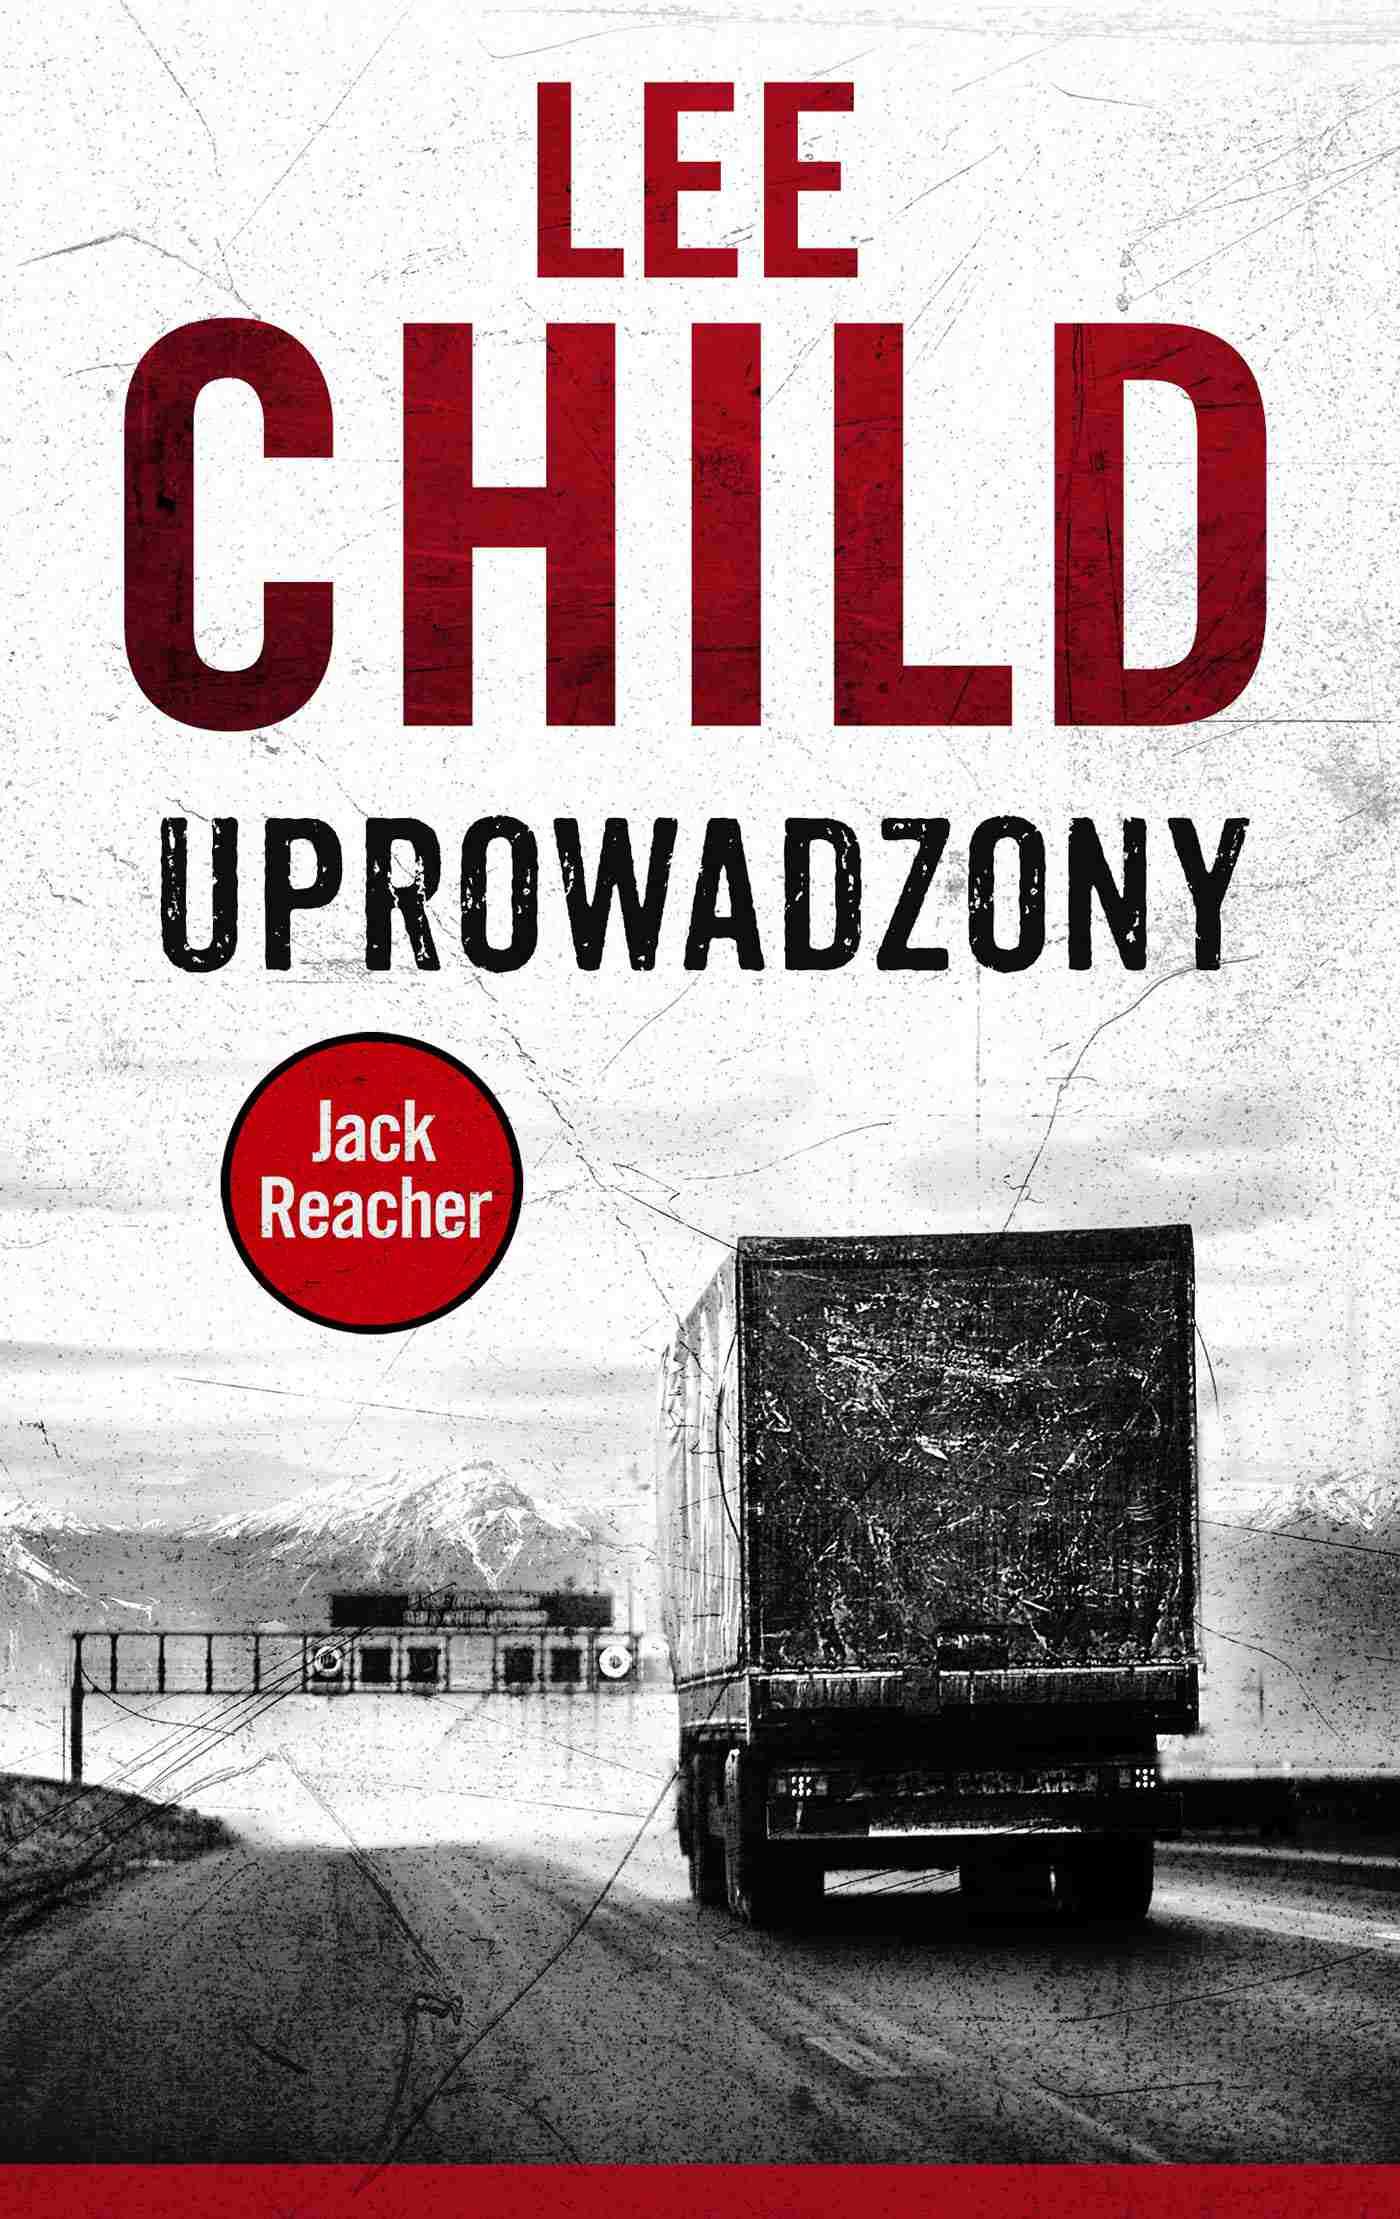 Jack Reacher. Uprowadzony - Ebook (Książka na Kindle) do pobrania w formacie MOBI